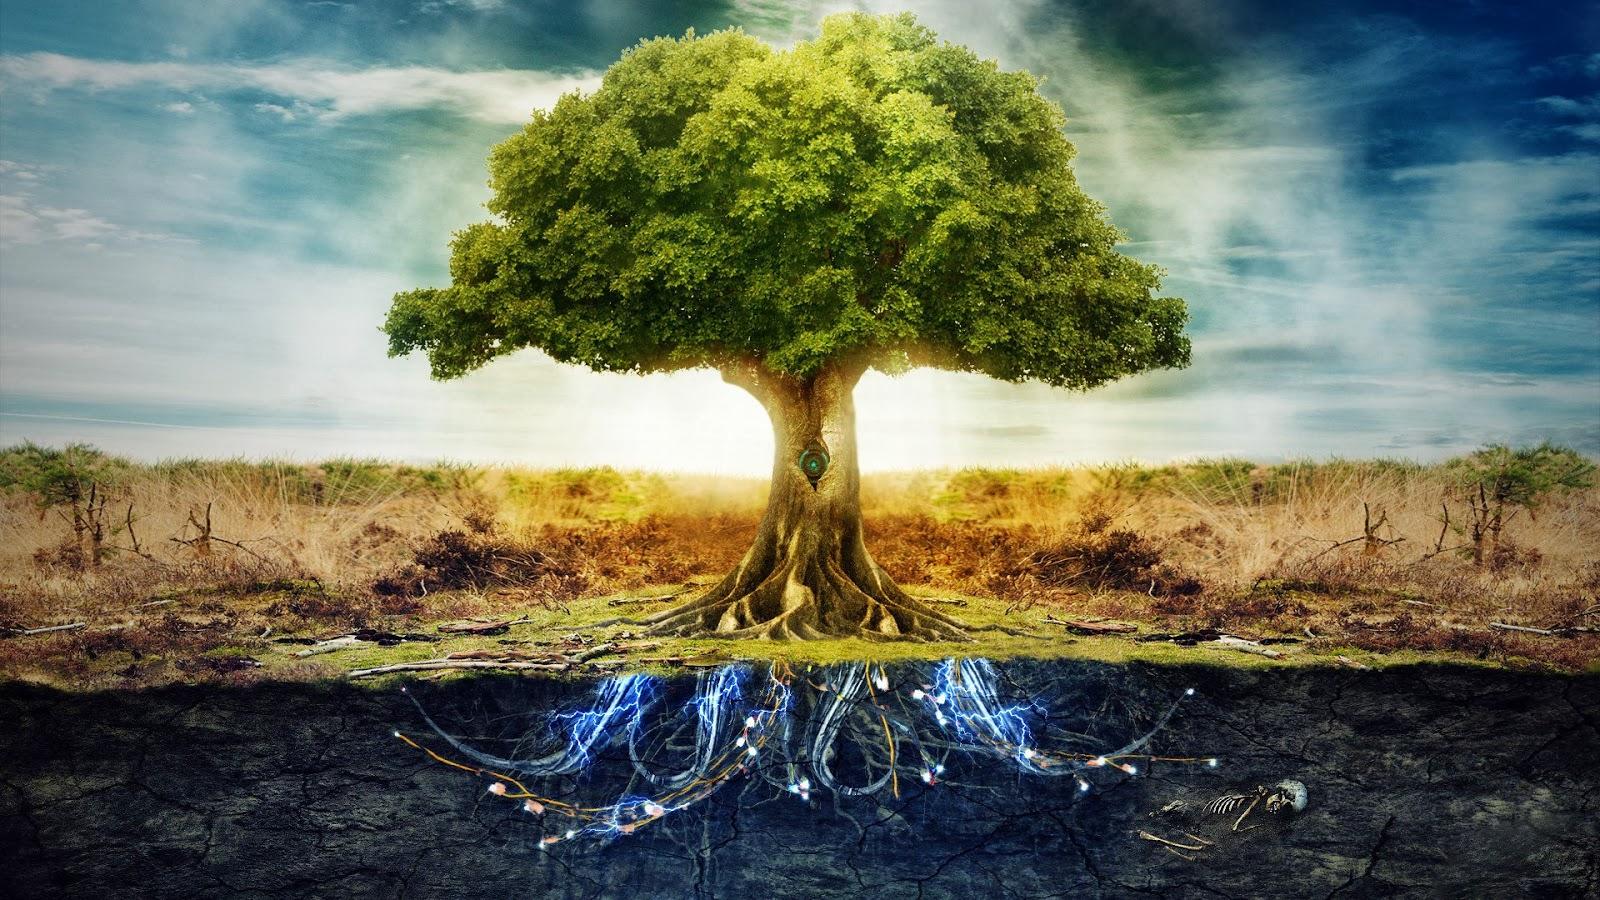 proprietățile terapeutice ale copacului de bani în varicoză